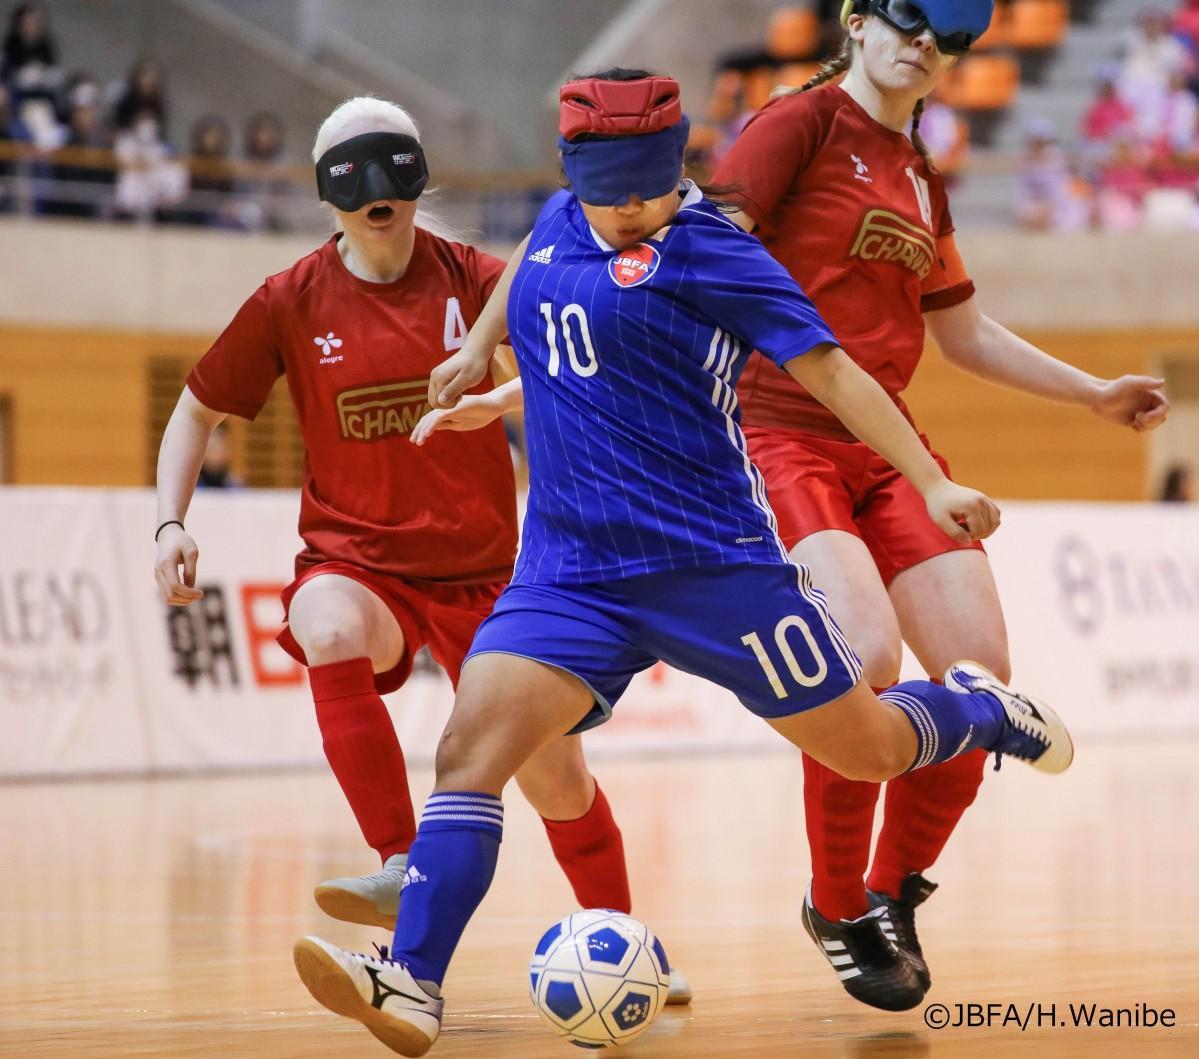 ブラインドサッカーの試合の様子(日本ブラインドサッカー協会提供)